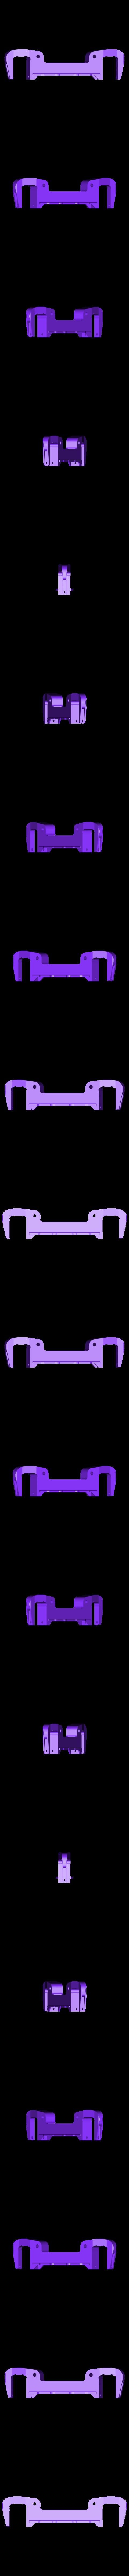 Engine_Truck_Side_Frame.STL Download free STL file 4-8-8-4 Big Boy Locomotive • 3D printer object, RaymondDeLuca